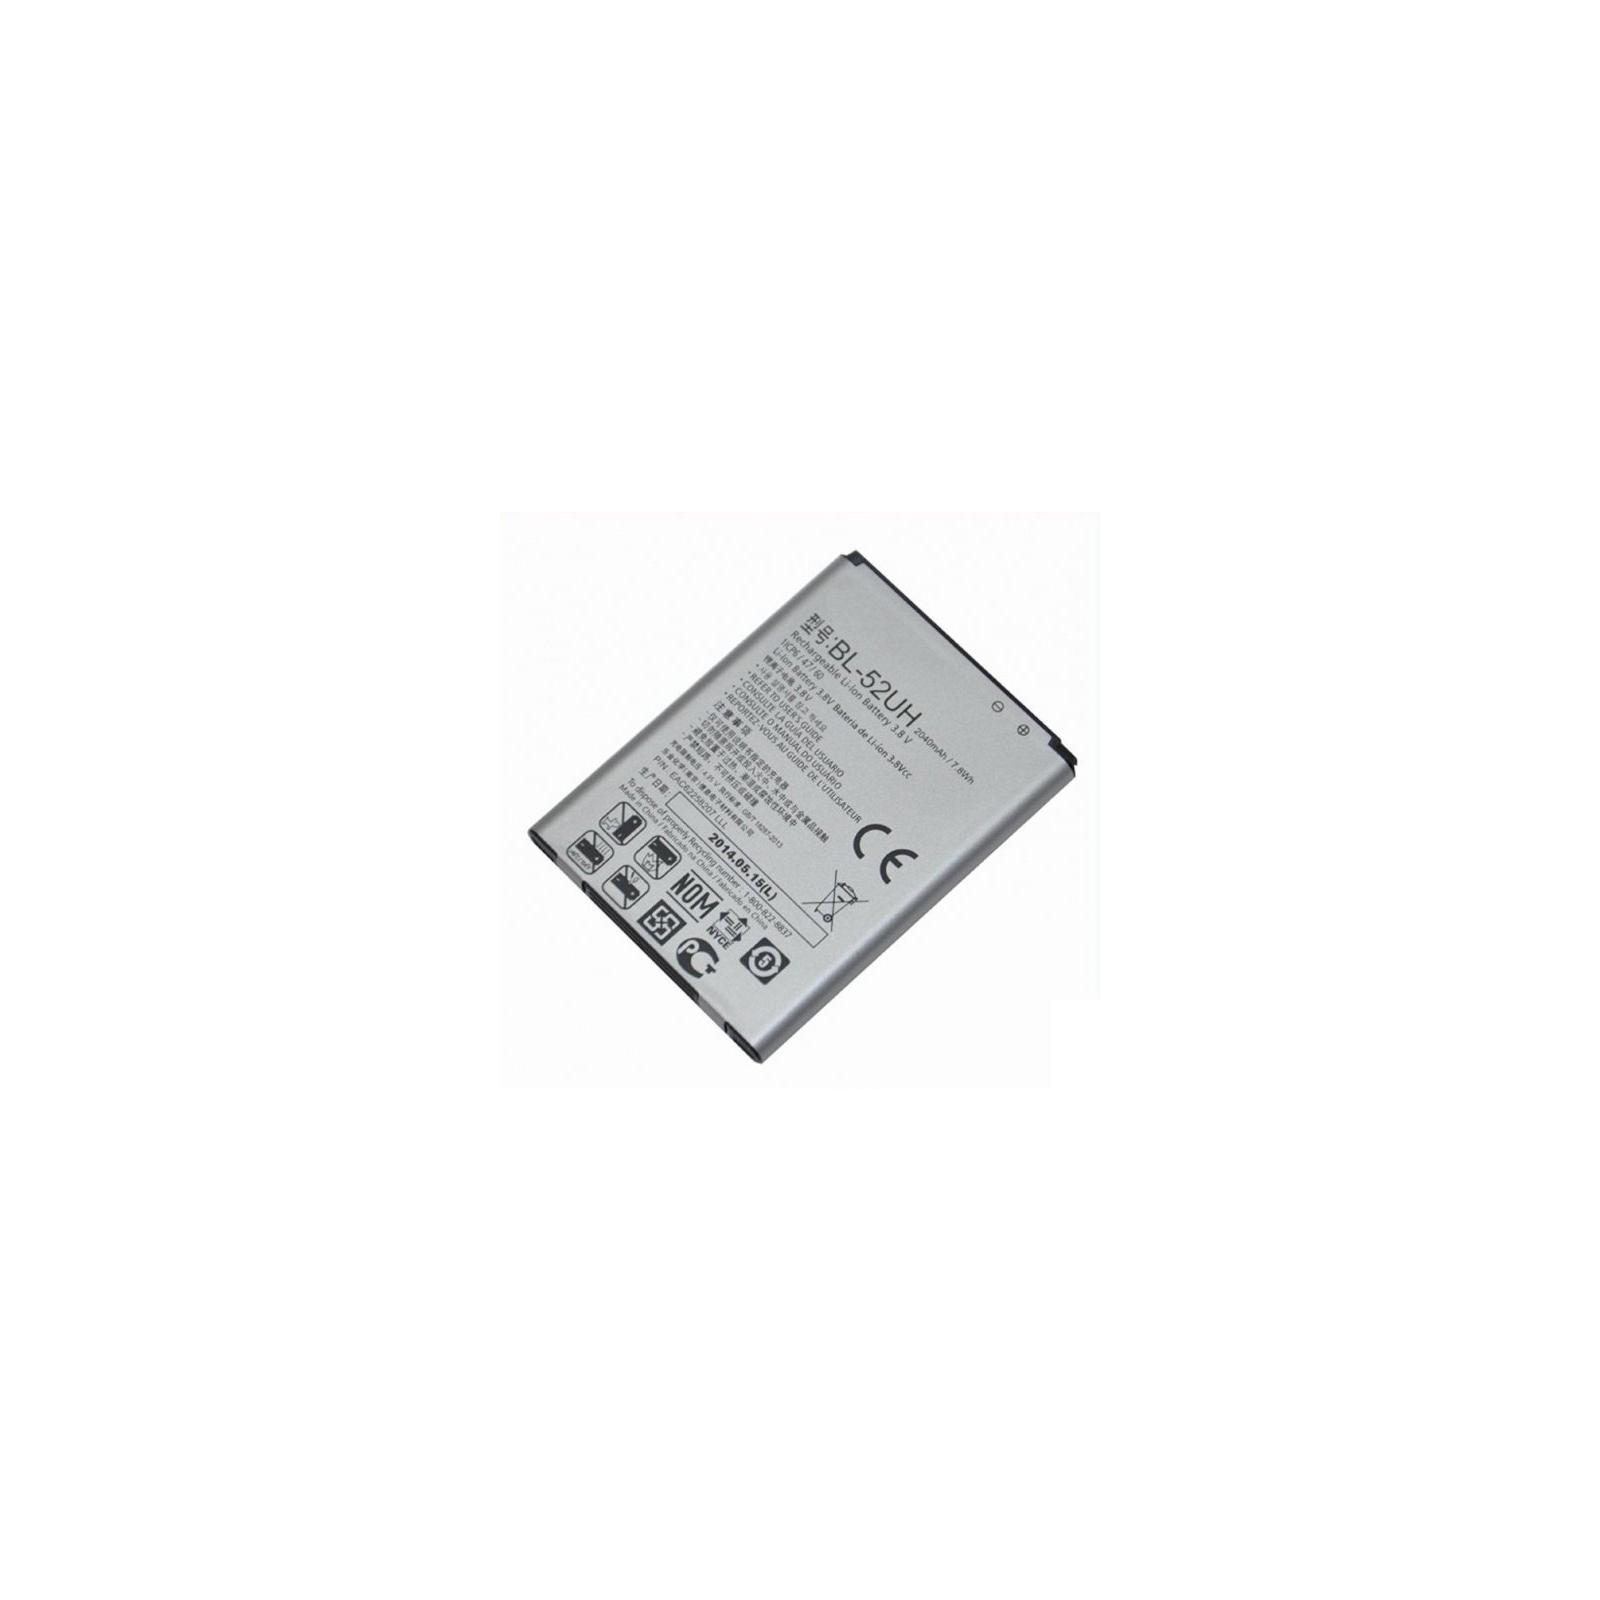 Аккумуляторная батарея LG for L65/L70/Spirit/D280/D285/D320/D325/H222 (BL-52UH / 37273)